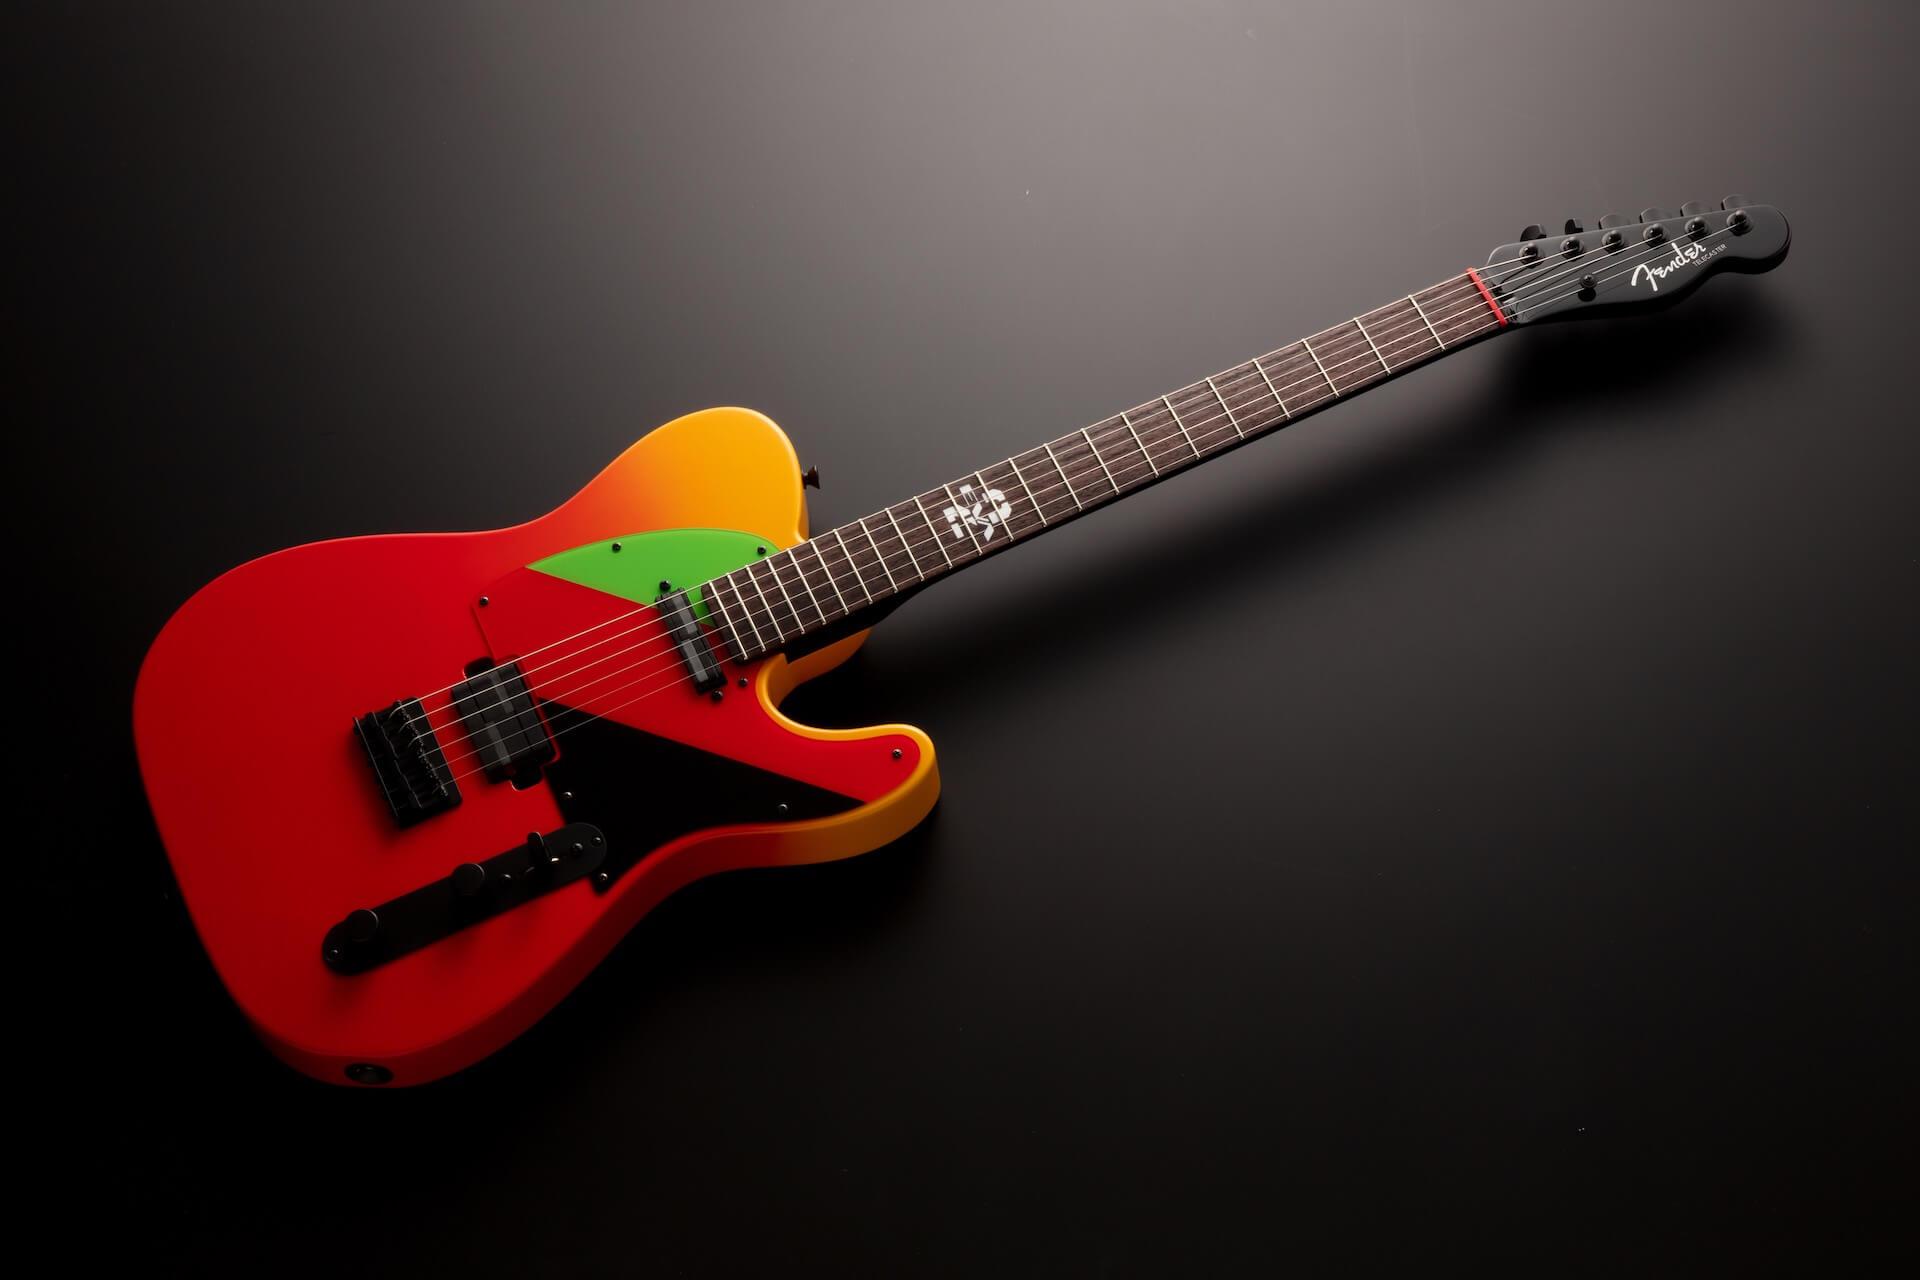 『シン・エヴァンゲリオン劇場版』アスカがエレキギターに!フェンダー特製TELECASTER(R)が年内数量限定生産で登場 ac200427_eva_telecaster_01